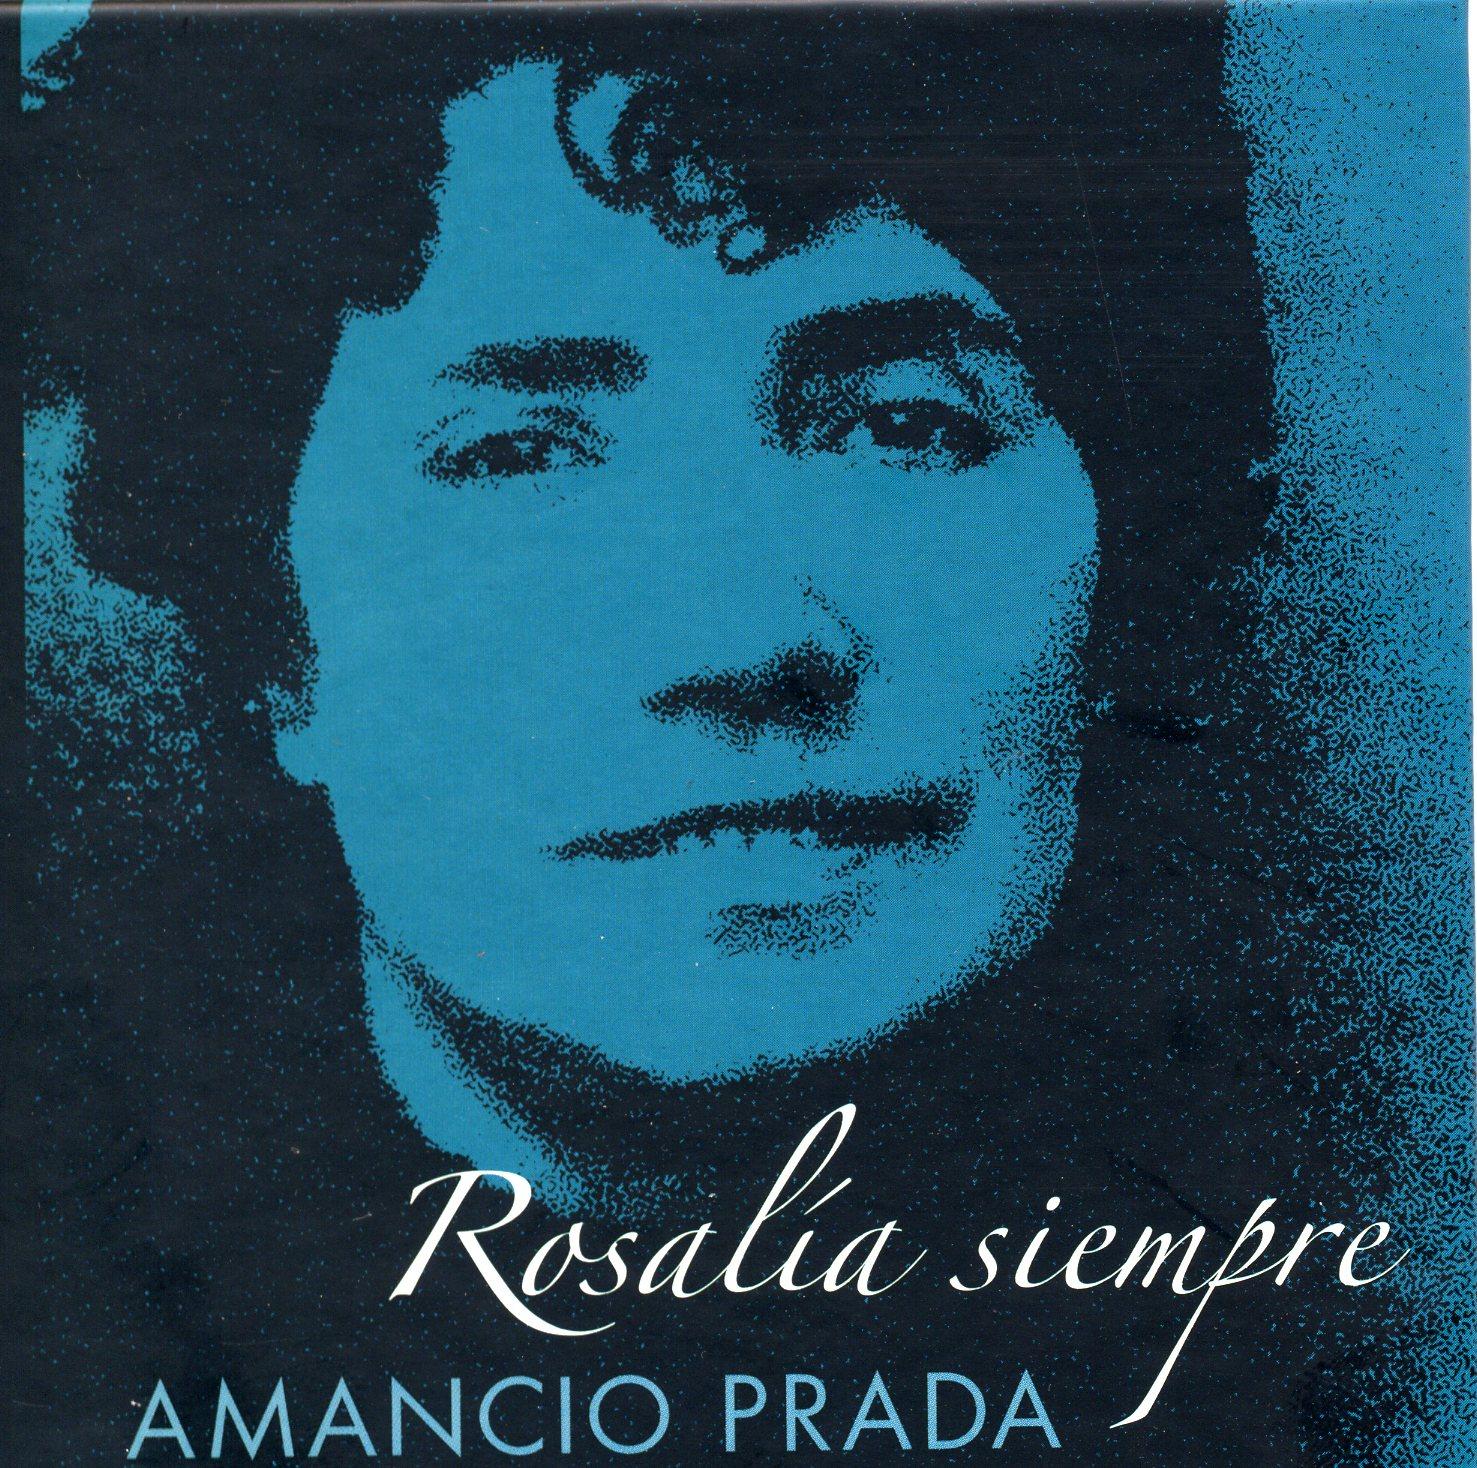 Rosalía siempre (2005)